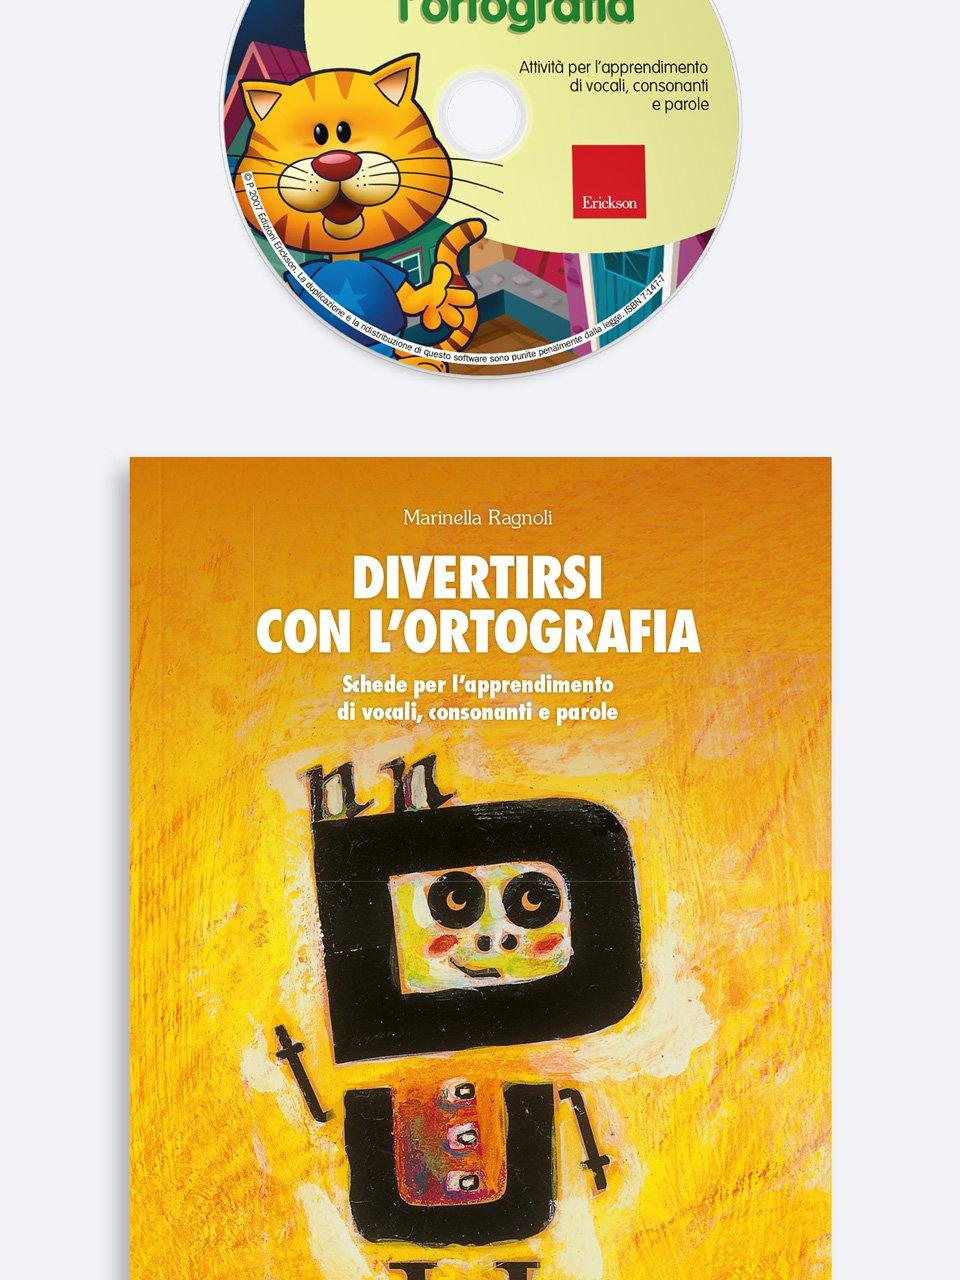 Divertirsi con l'ortografia - Tablet delle regole di Italiano - Libri - Erickson 2